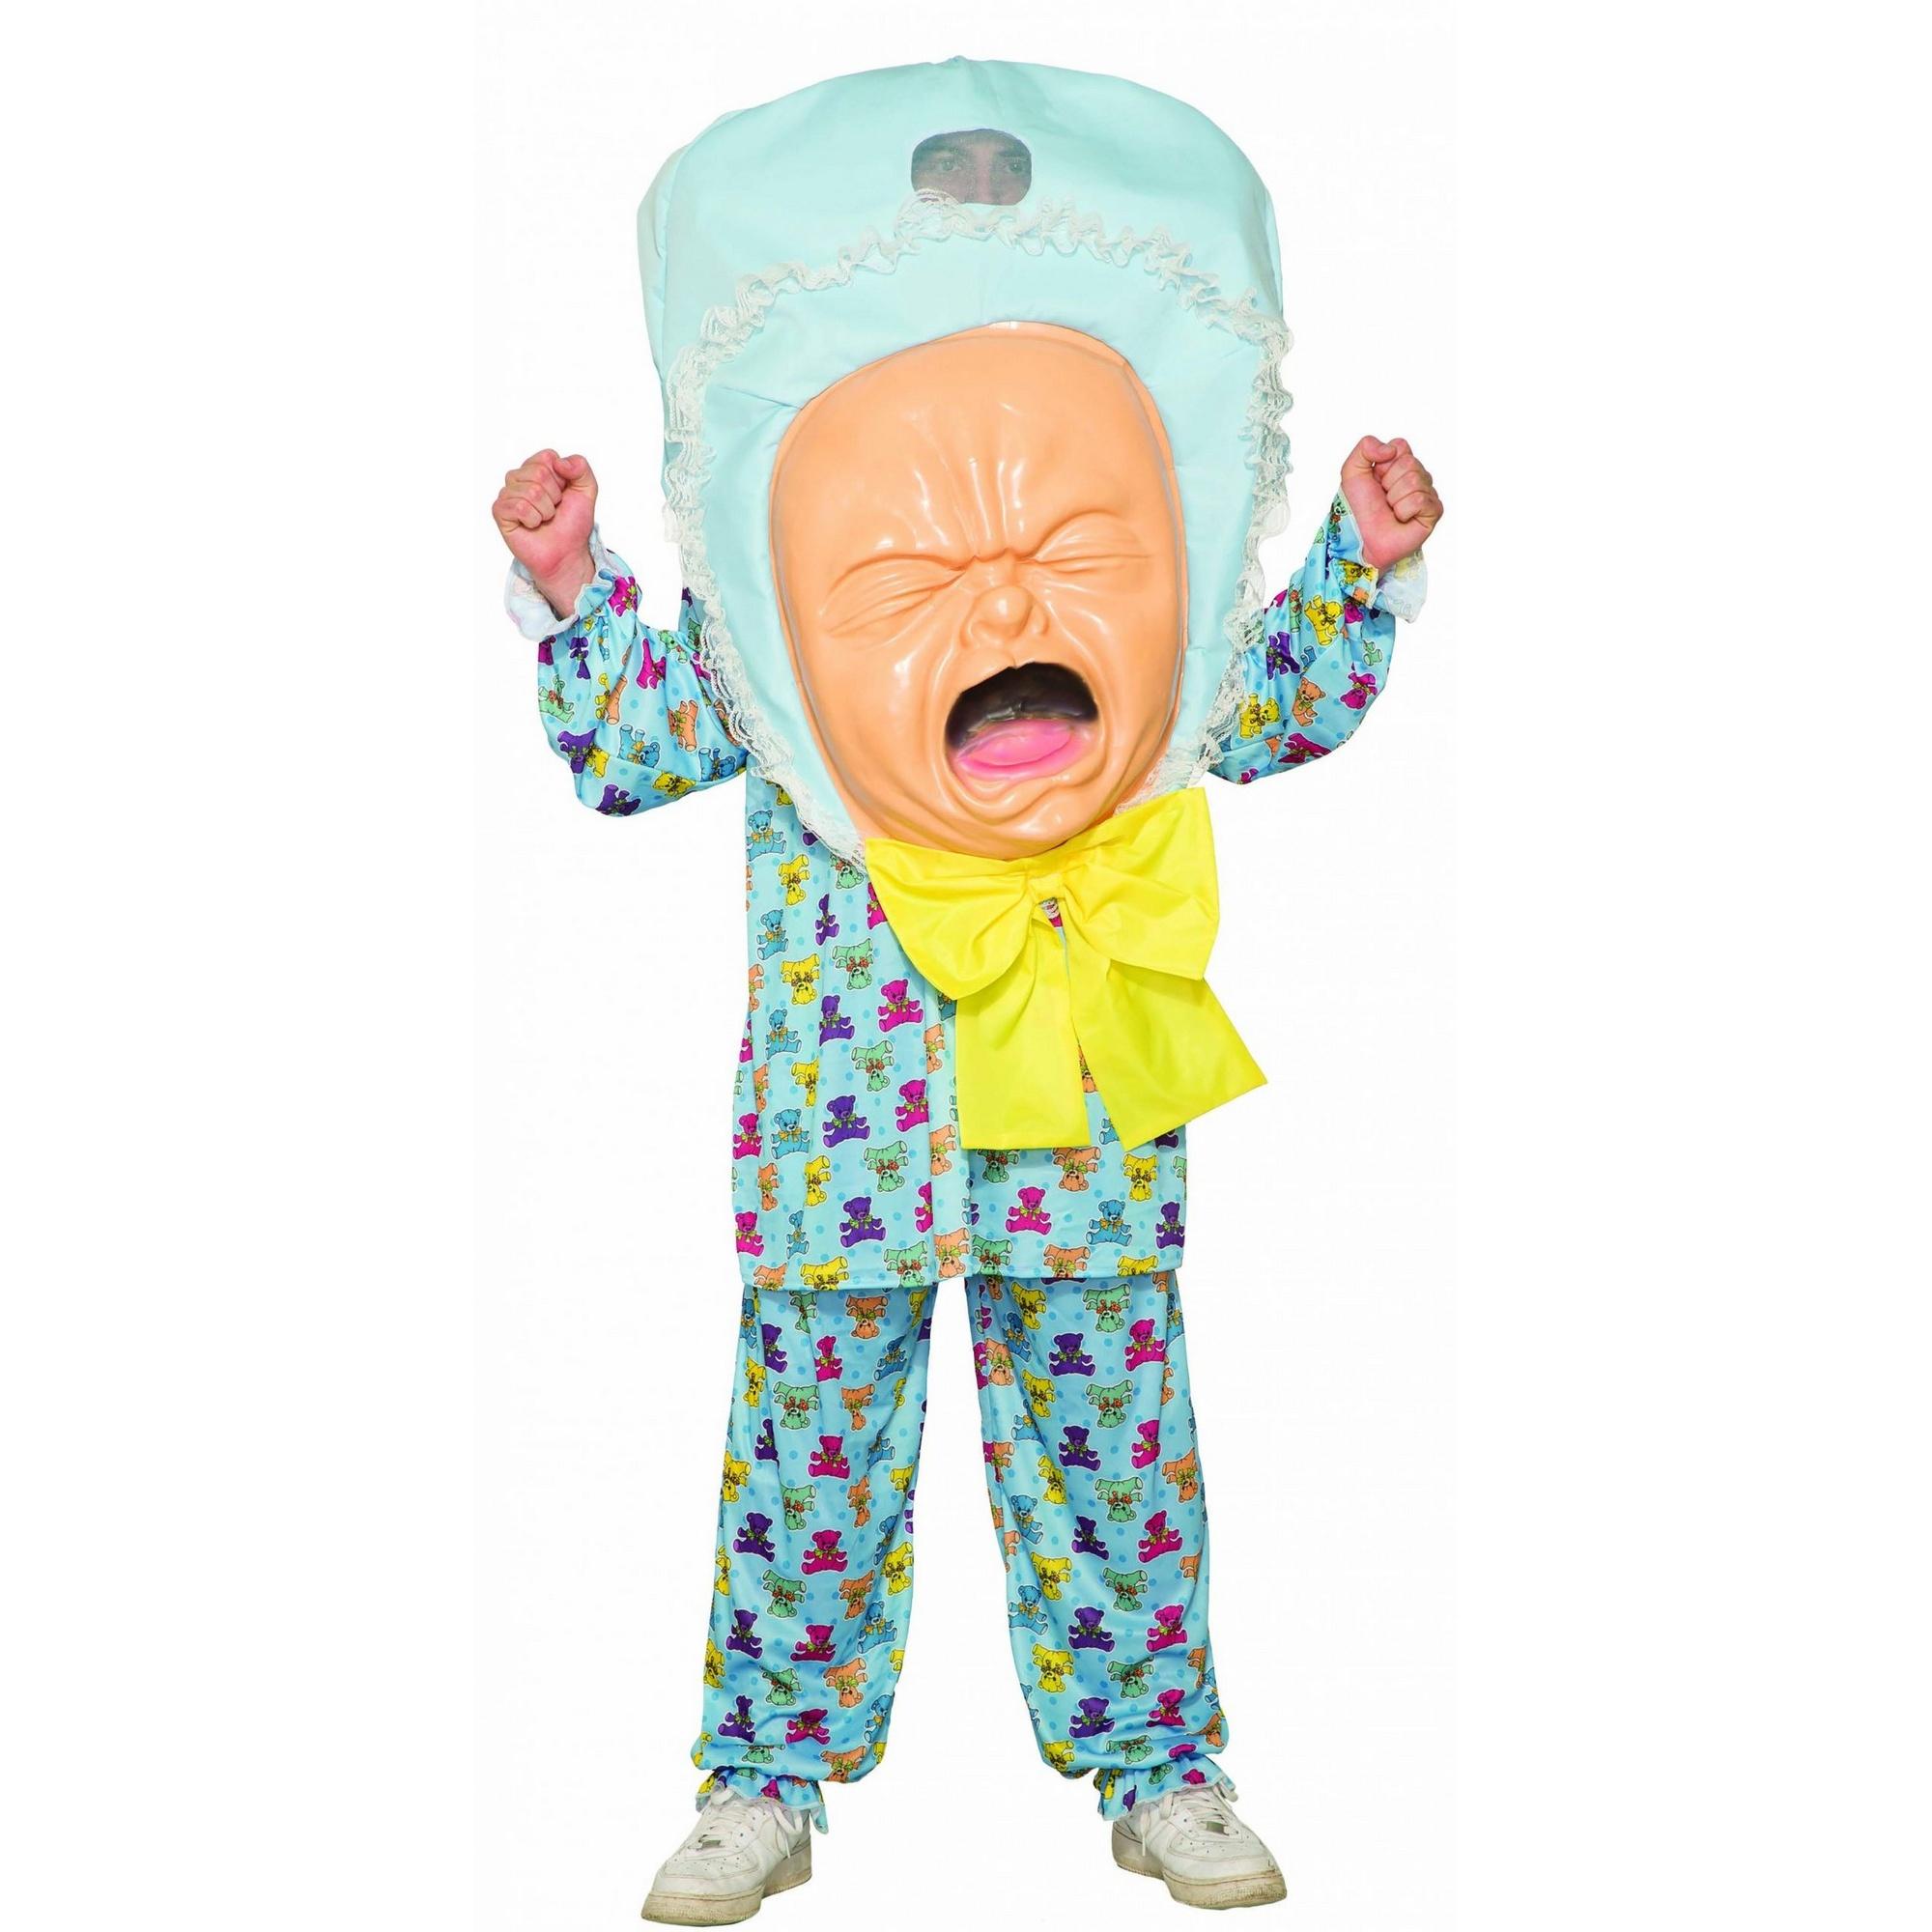 Bristol Novelty Unisex Adults Big Baby Costume (One Size) (Multicoloured)